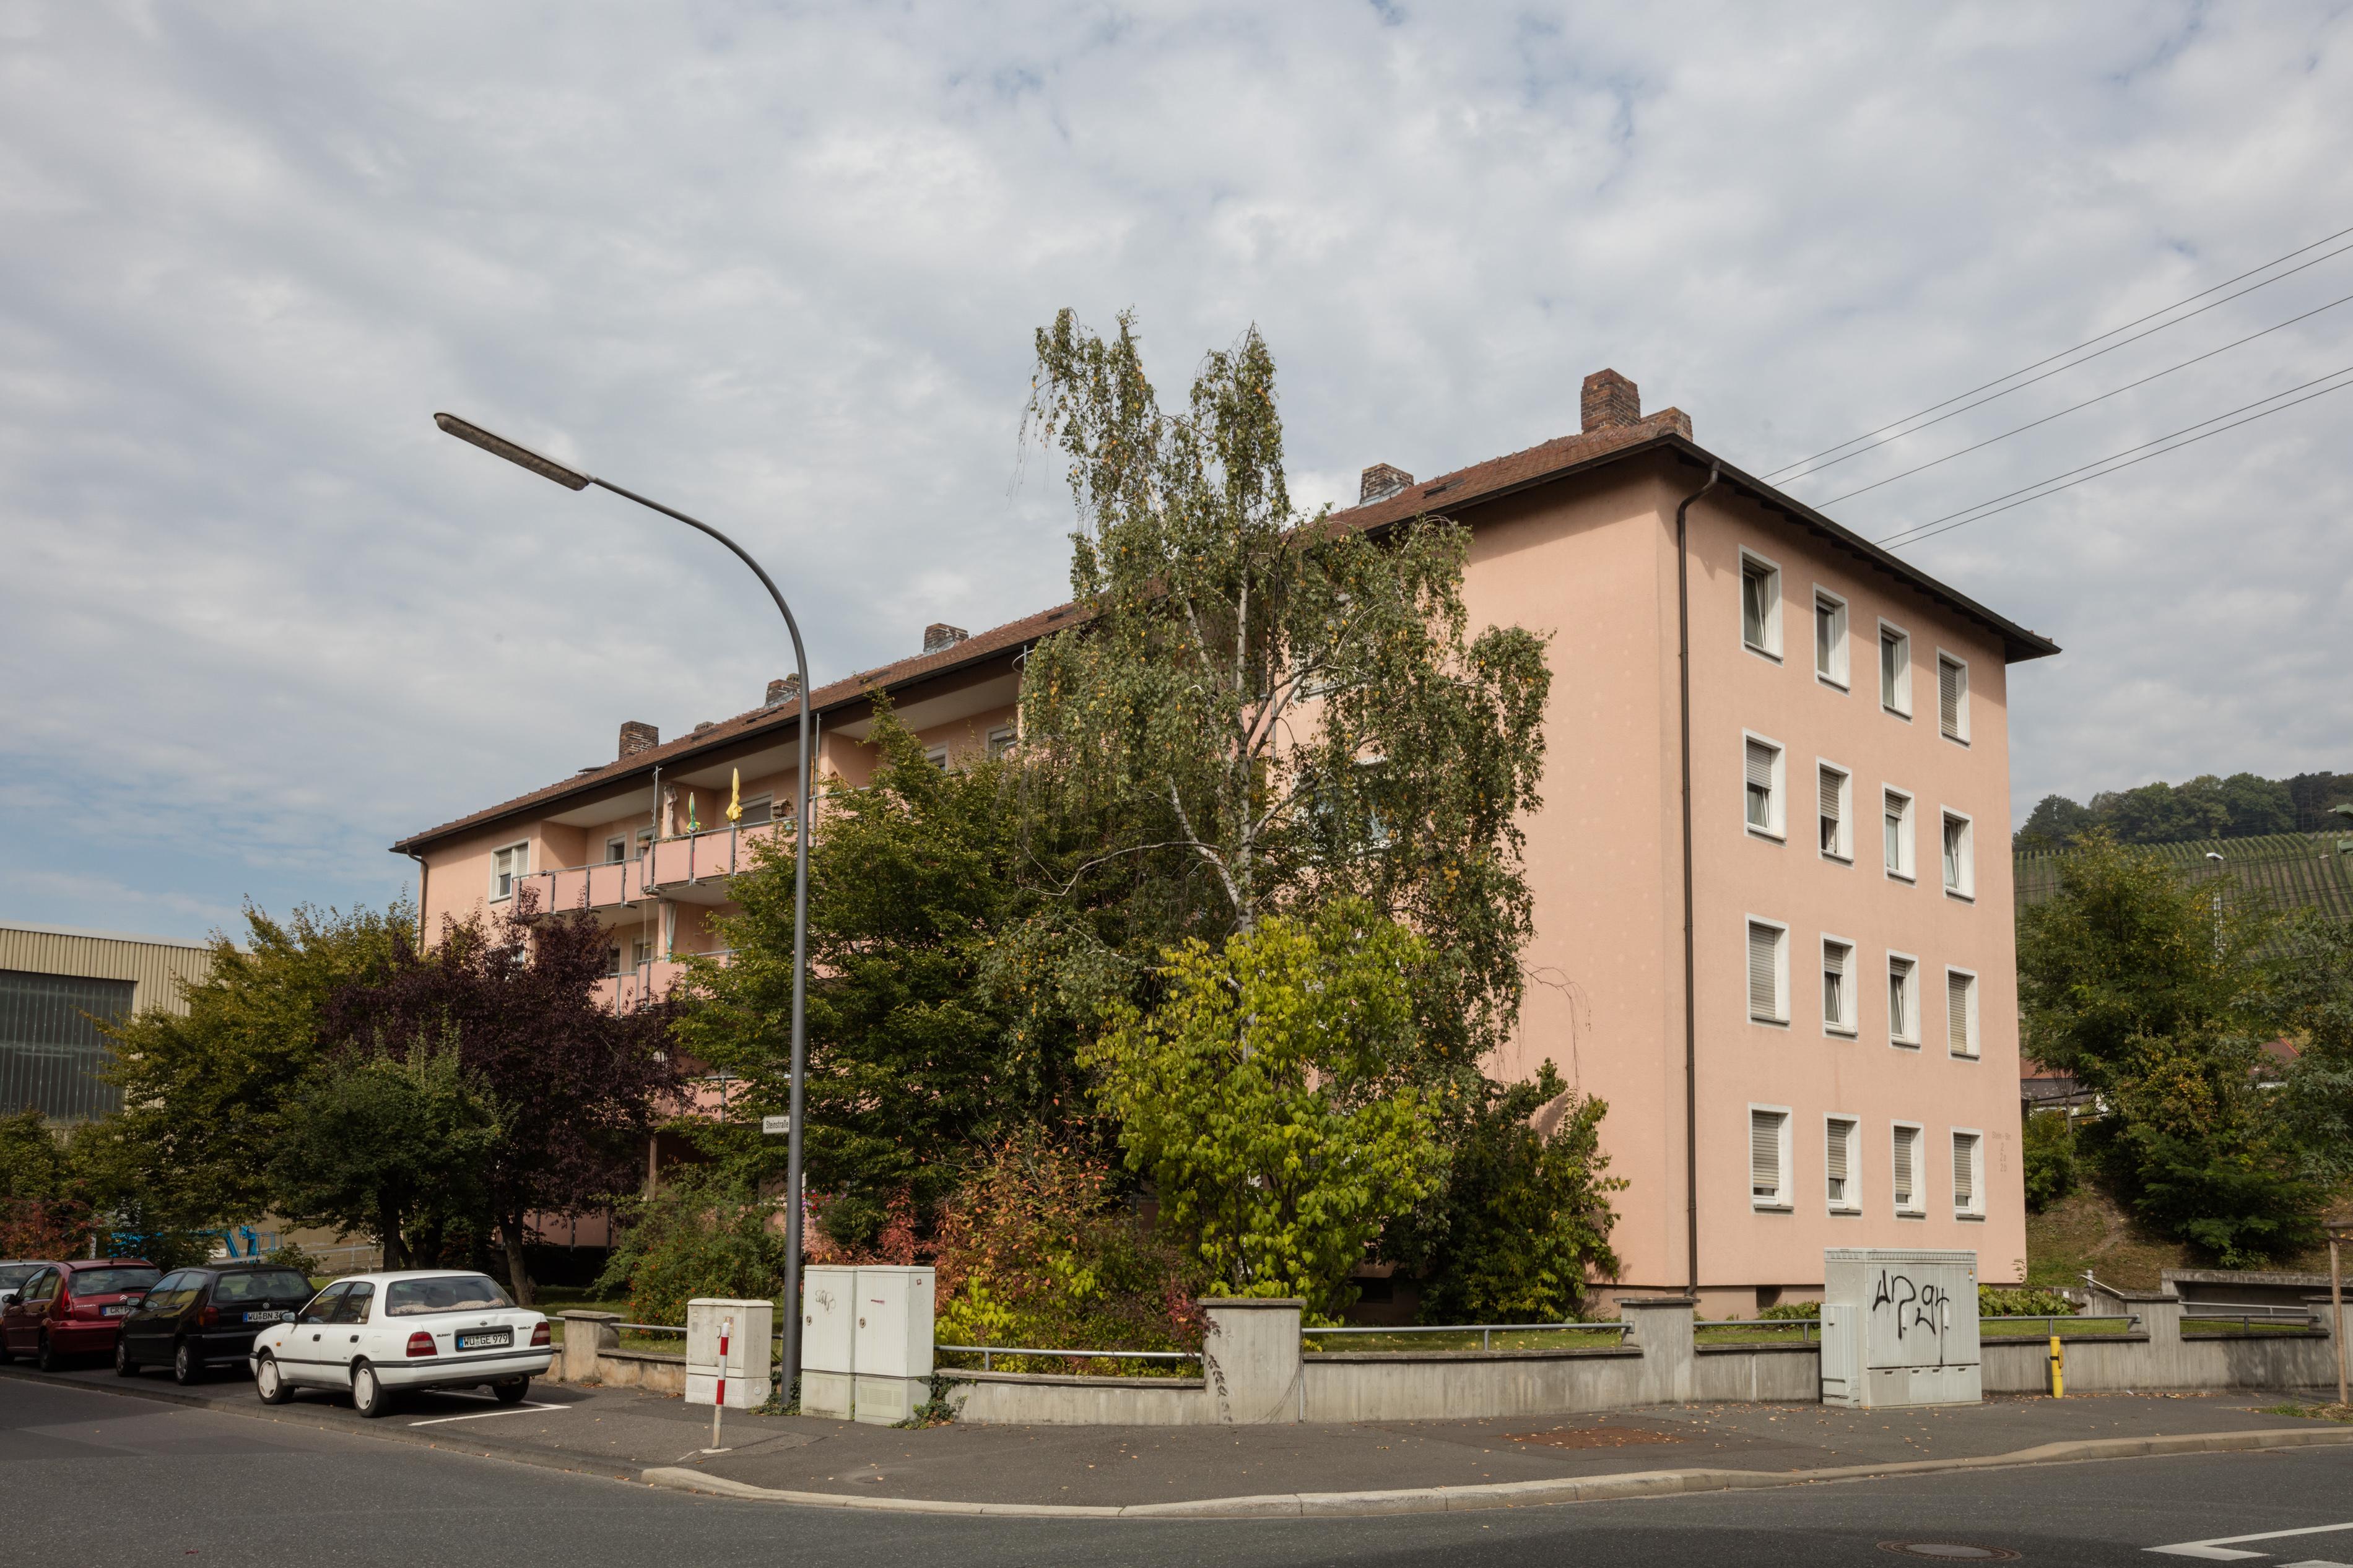 bew_würzburg-8